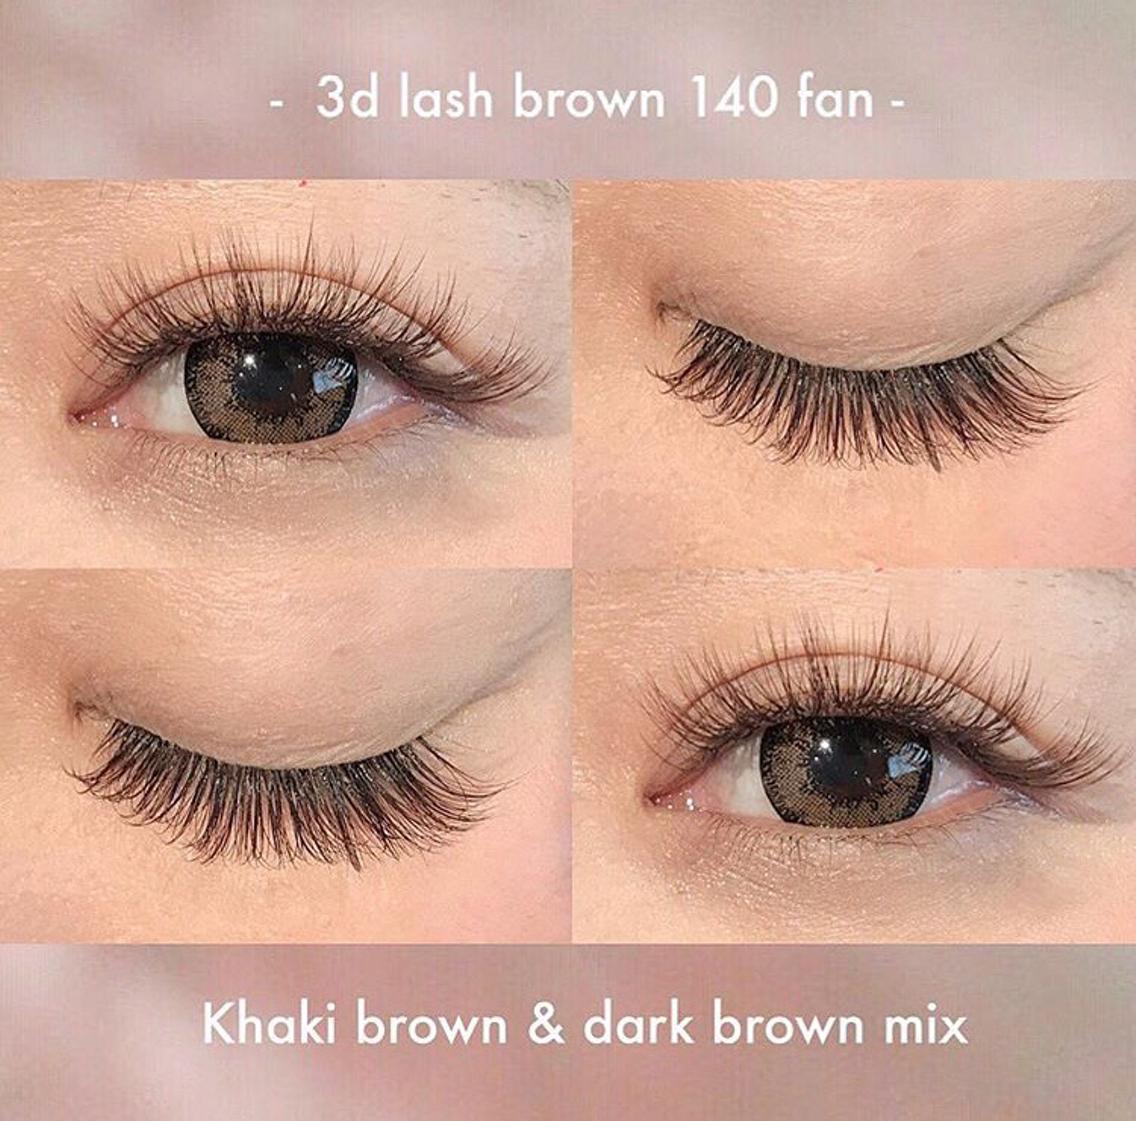 #マツエク・マツパ ☑︎C 12 13 J 13 ☑︎3D 140束 ☑︎dark brown & khaki brown  . カーキとダークブラウンの2色を ミックスすると丁度中間くらいの さりげないブラウンになって オススメです♥お試しください☺︎